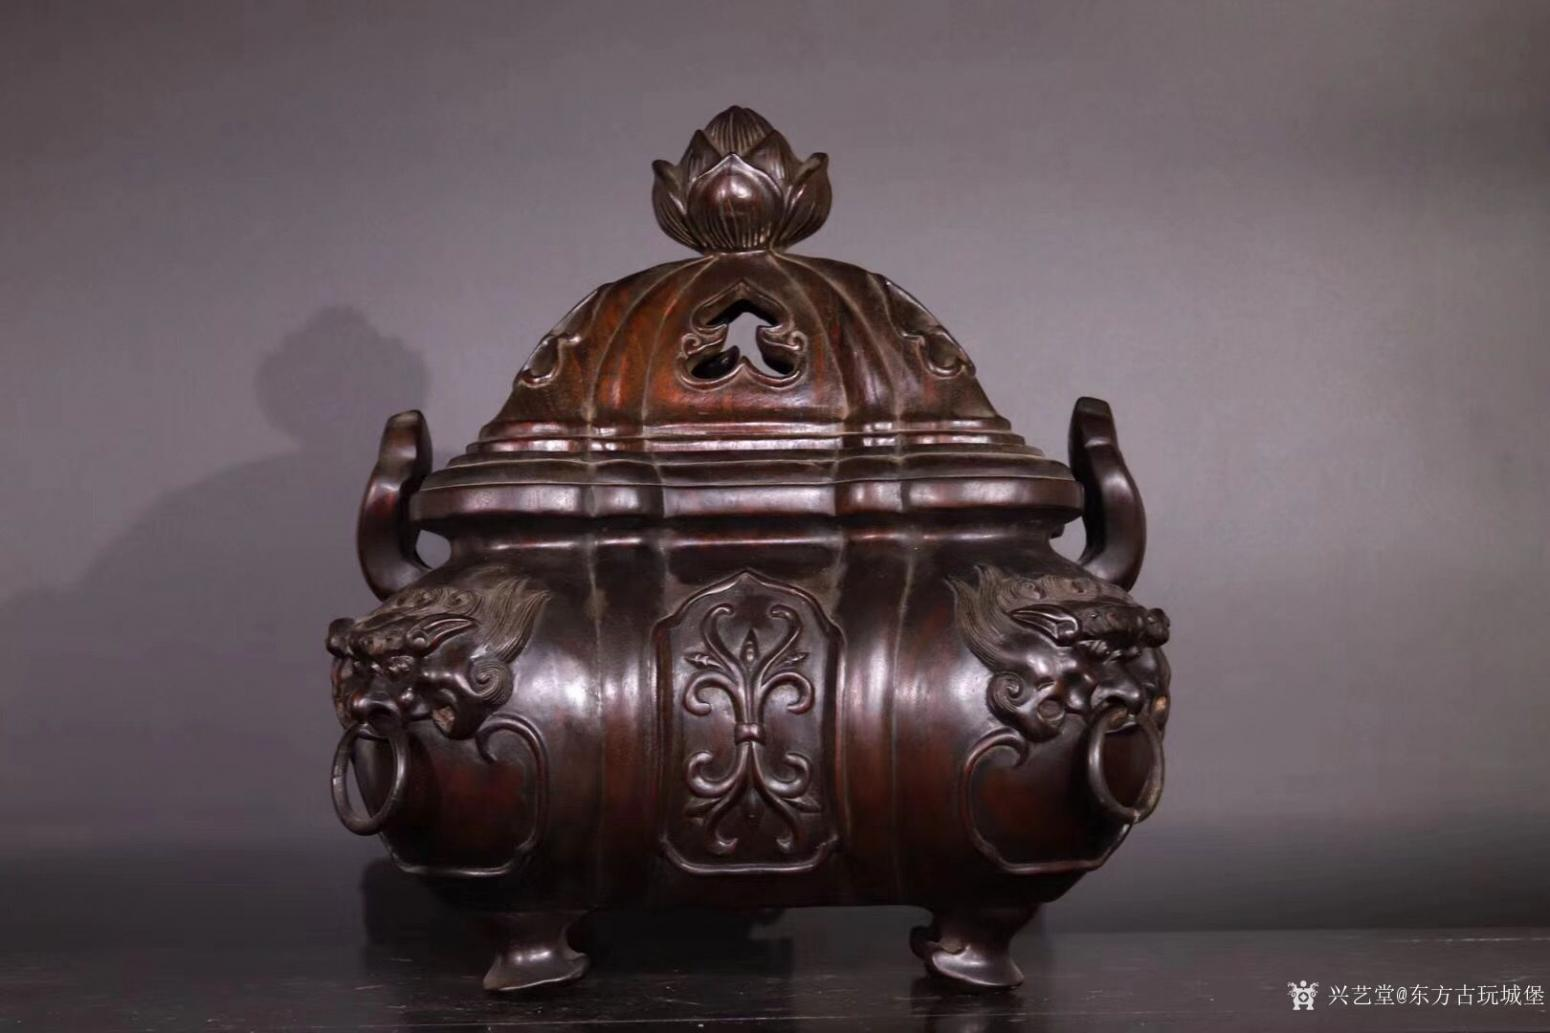 东方古玩城堡雕刻作品《紫檀香薰炉》